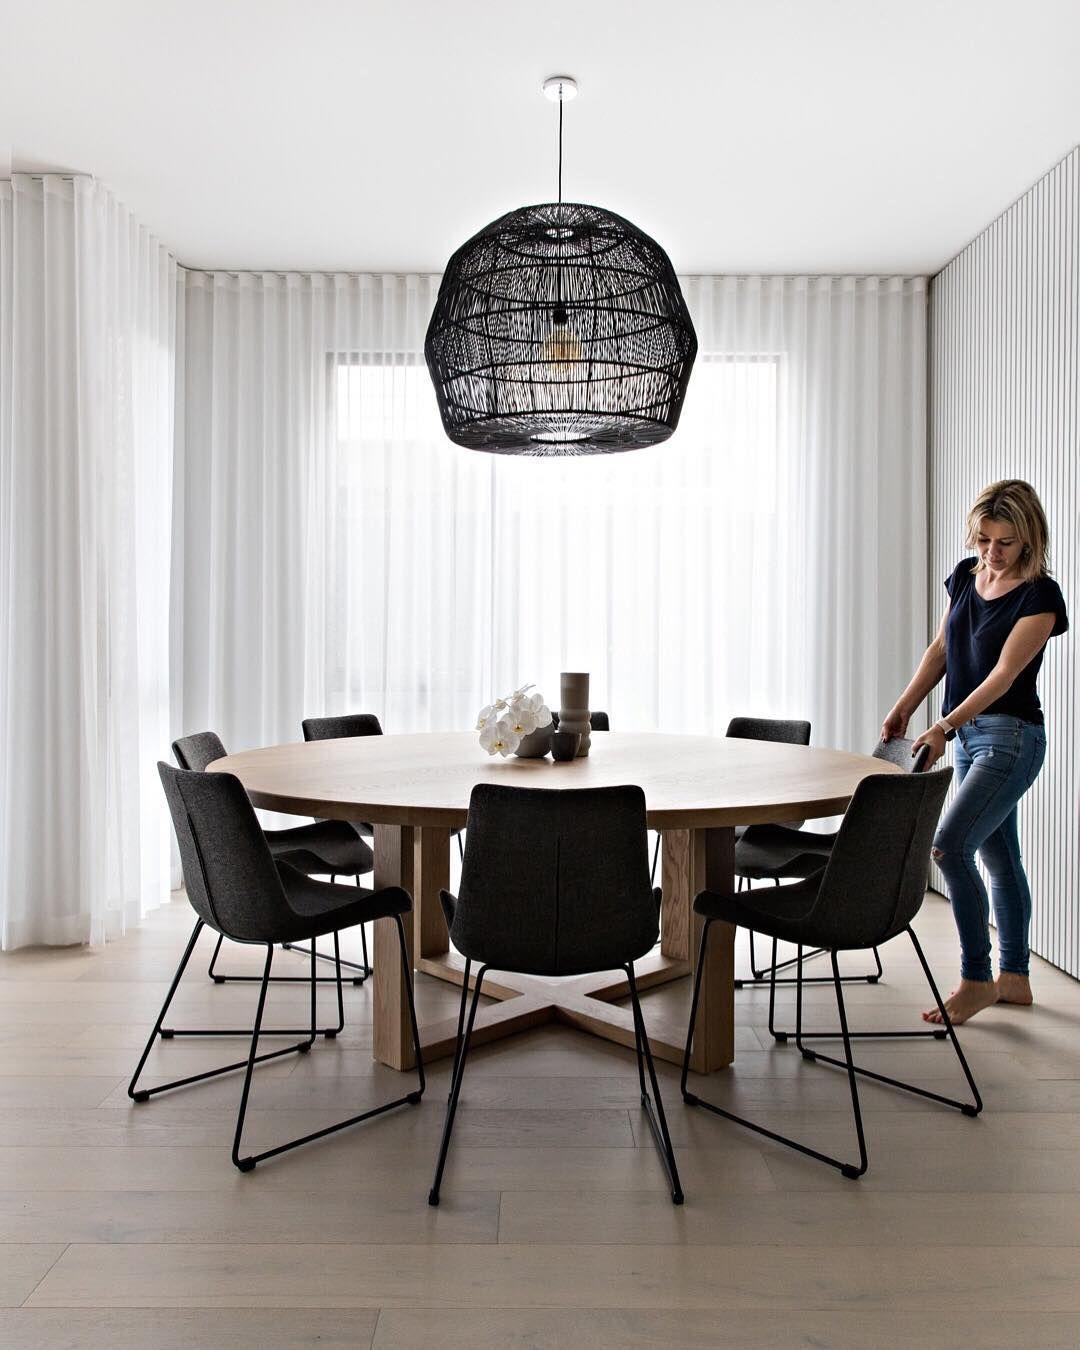 """Photo of Diseño, estilo + Reno Consejos en Instagram: """"• Comedor Scandi • ¡Esta tiene que ser mi habitación favorita en la casa! Custom La mesa de comedor Custom Orbit de roble de 2m de @thewoodroom es un … """""""